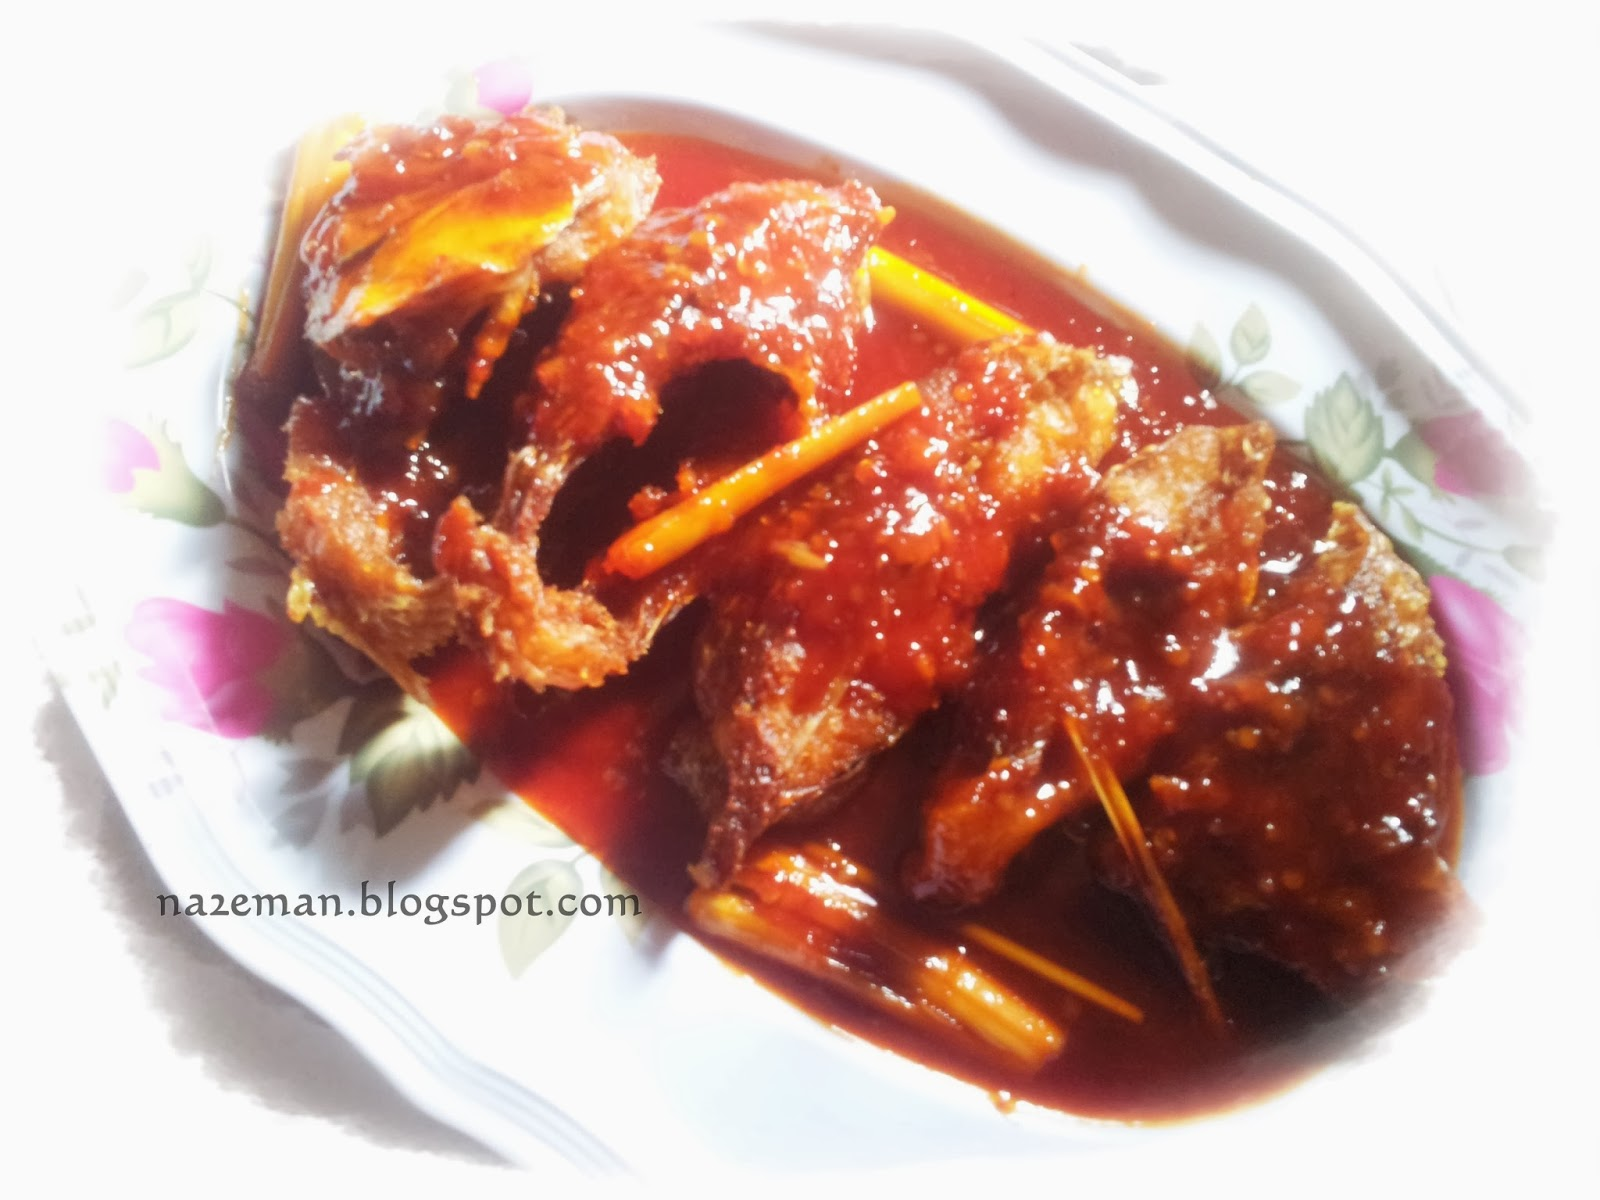 ikan talapia masak sambal sajian ikan tongkol goreng sambal balado  salah satu menu Resepi Ikan Tuna Masak Sambal Enak dan Mudah